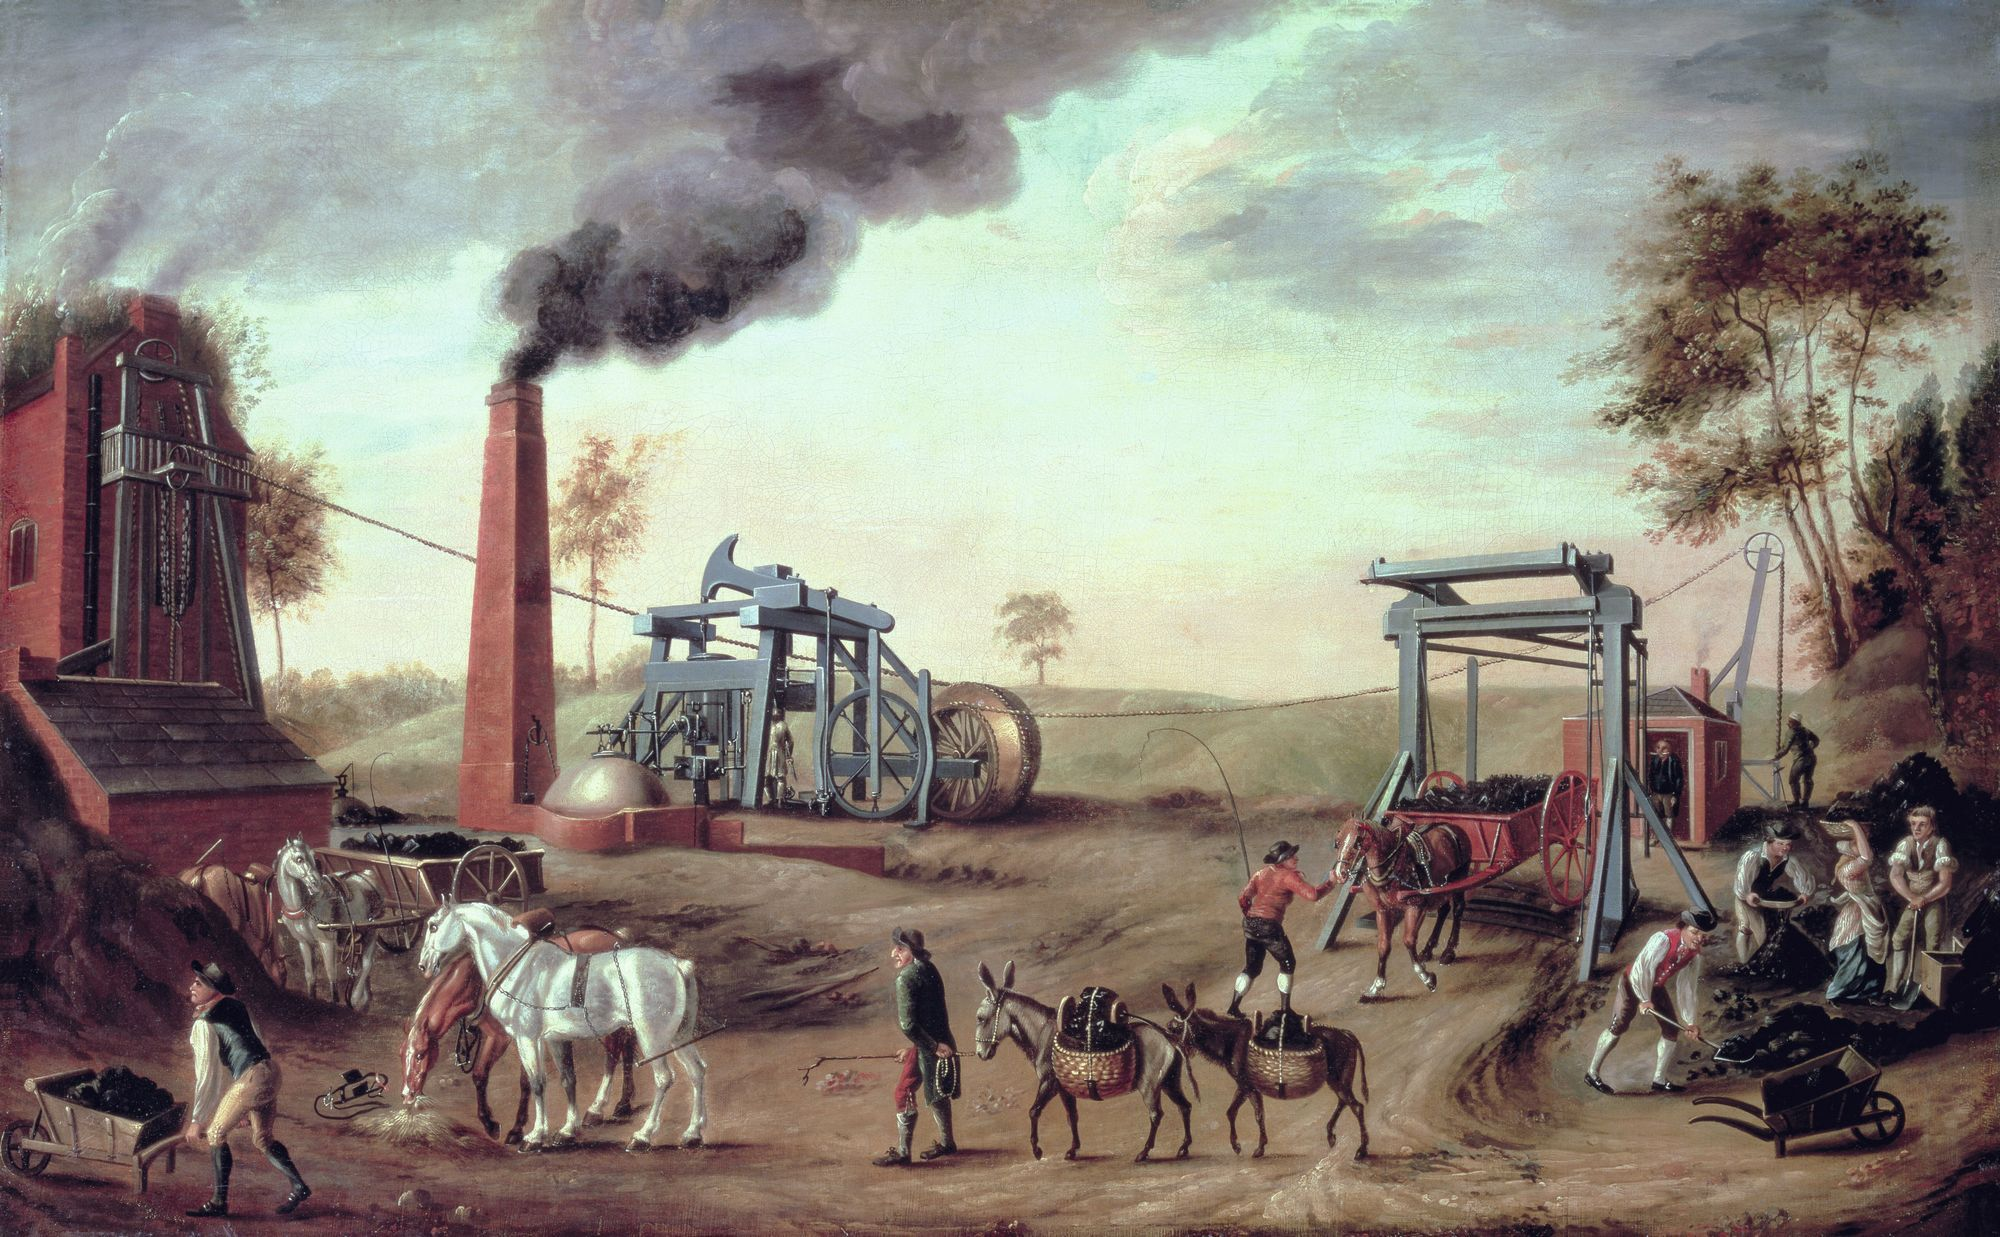 Anonyme, Peinture d'une mine, 1790, huile sur toile, Meyerside County Council et Walter Art Gallery, Liverpool.